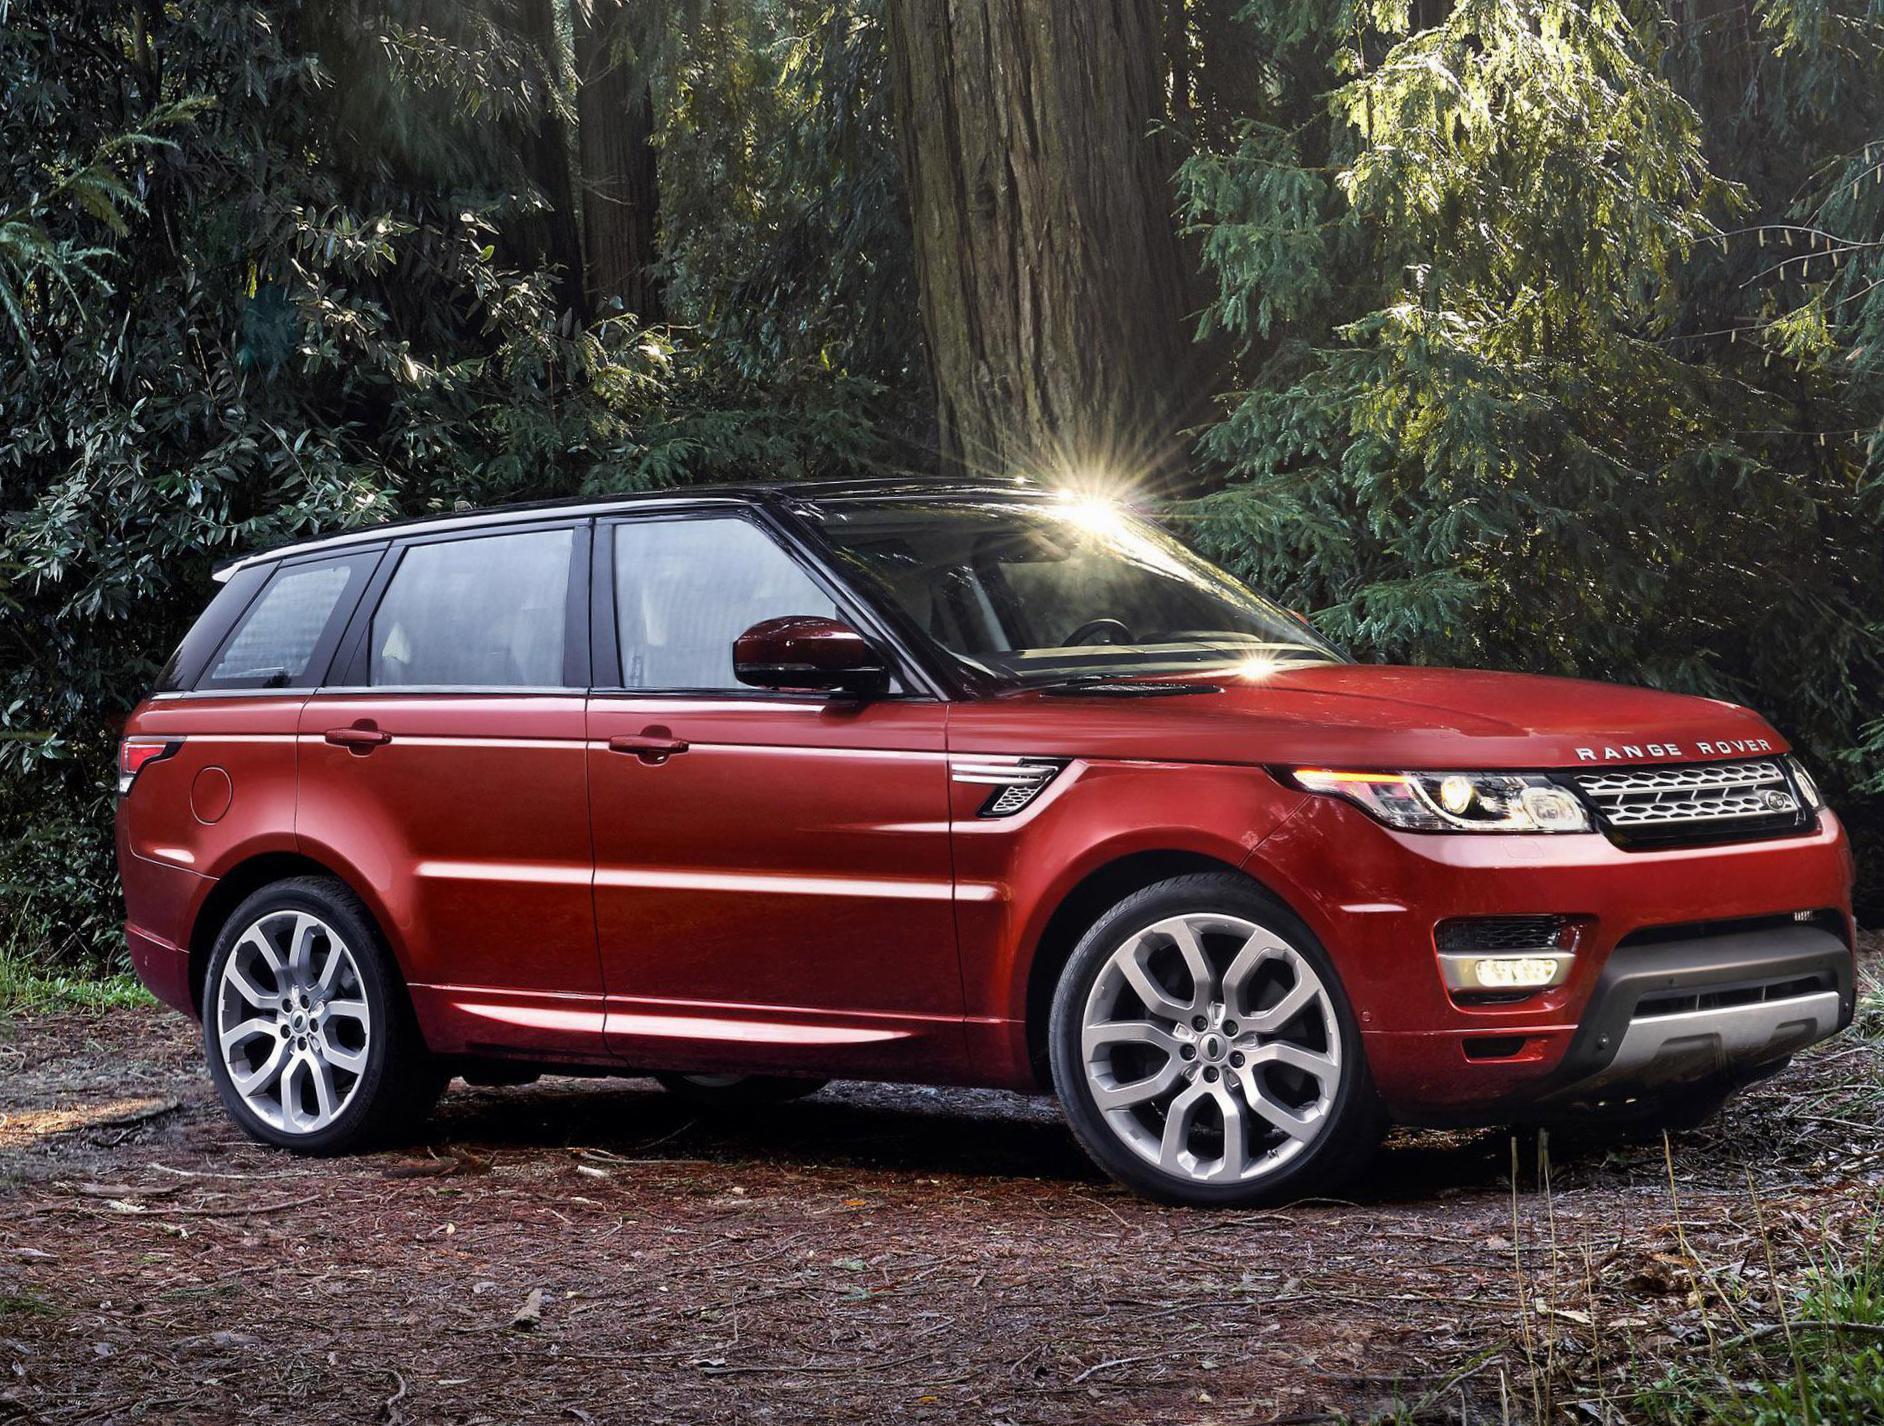 Range Rover Usa >> Land Rover Range Rover Sport Photos And Specs Photo Range Rover